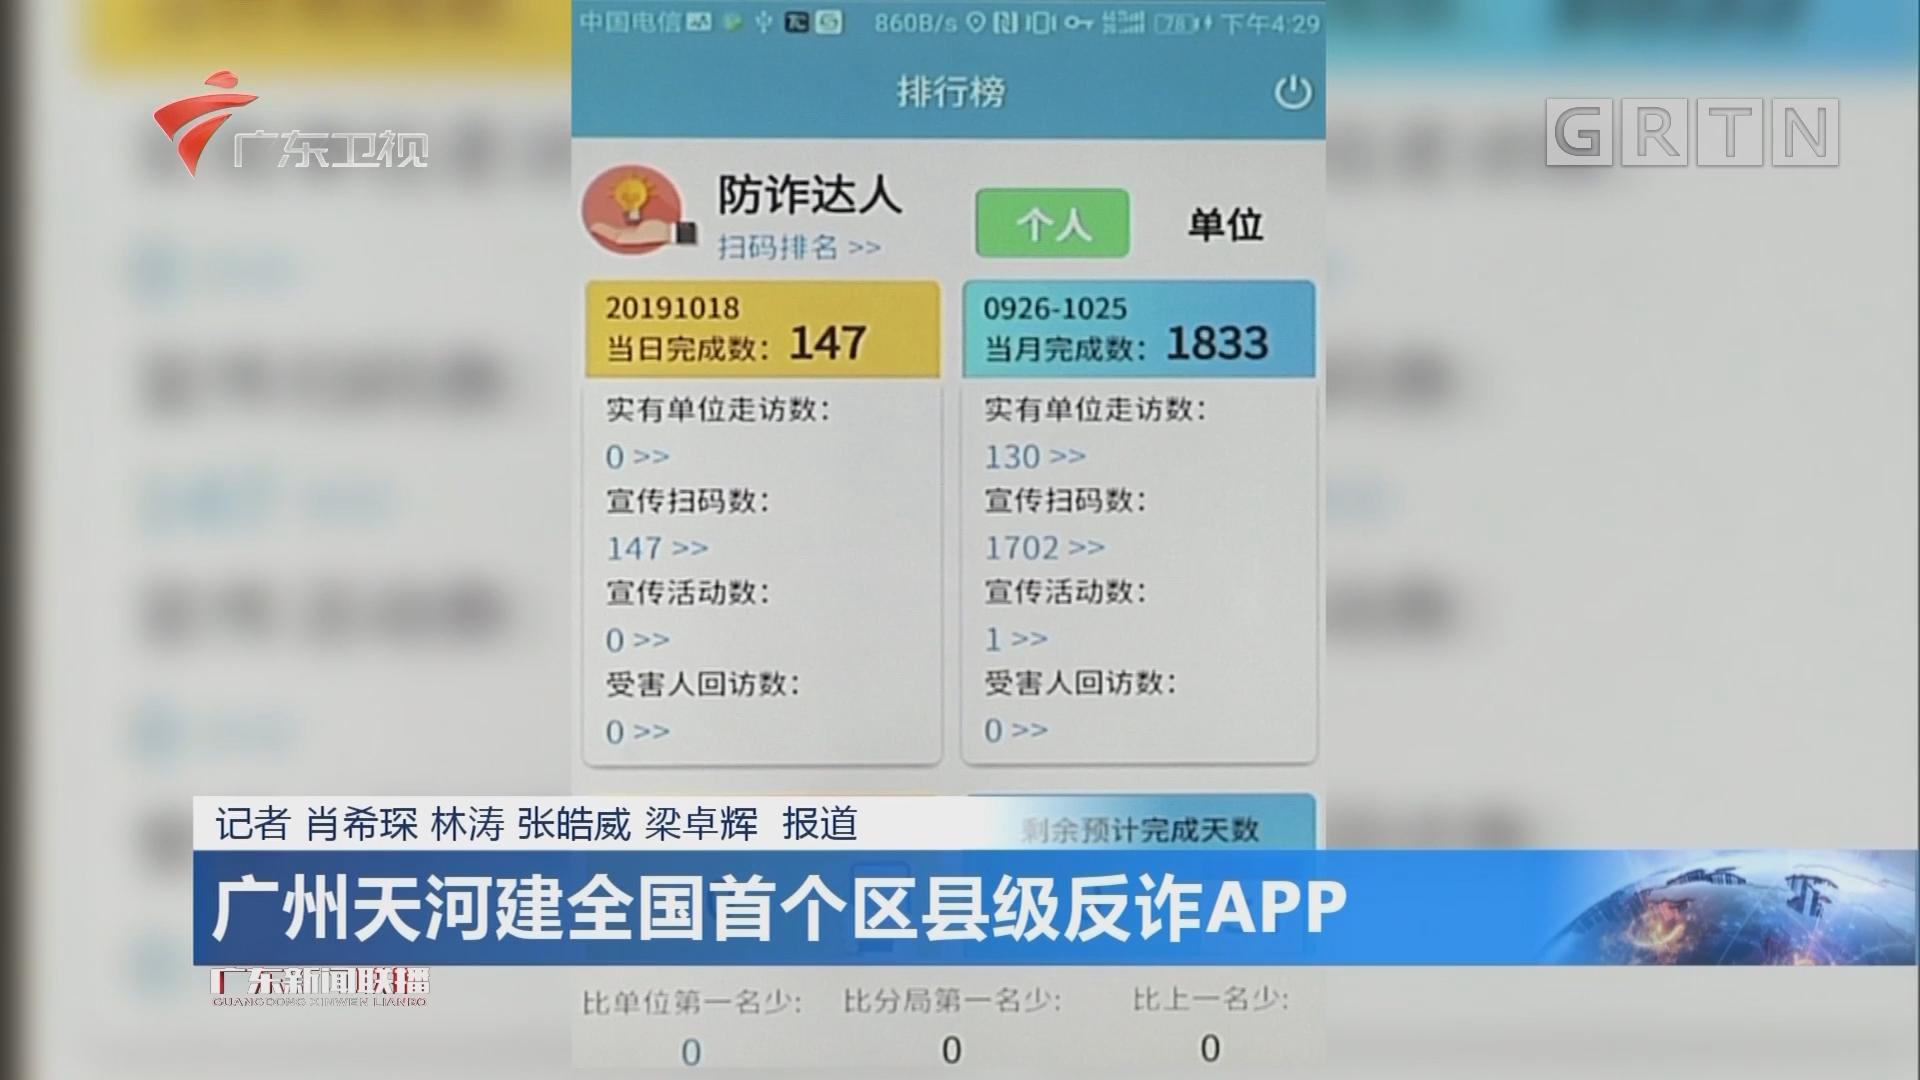 广州天河建全国首个区县级反诈APP